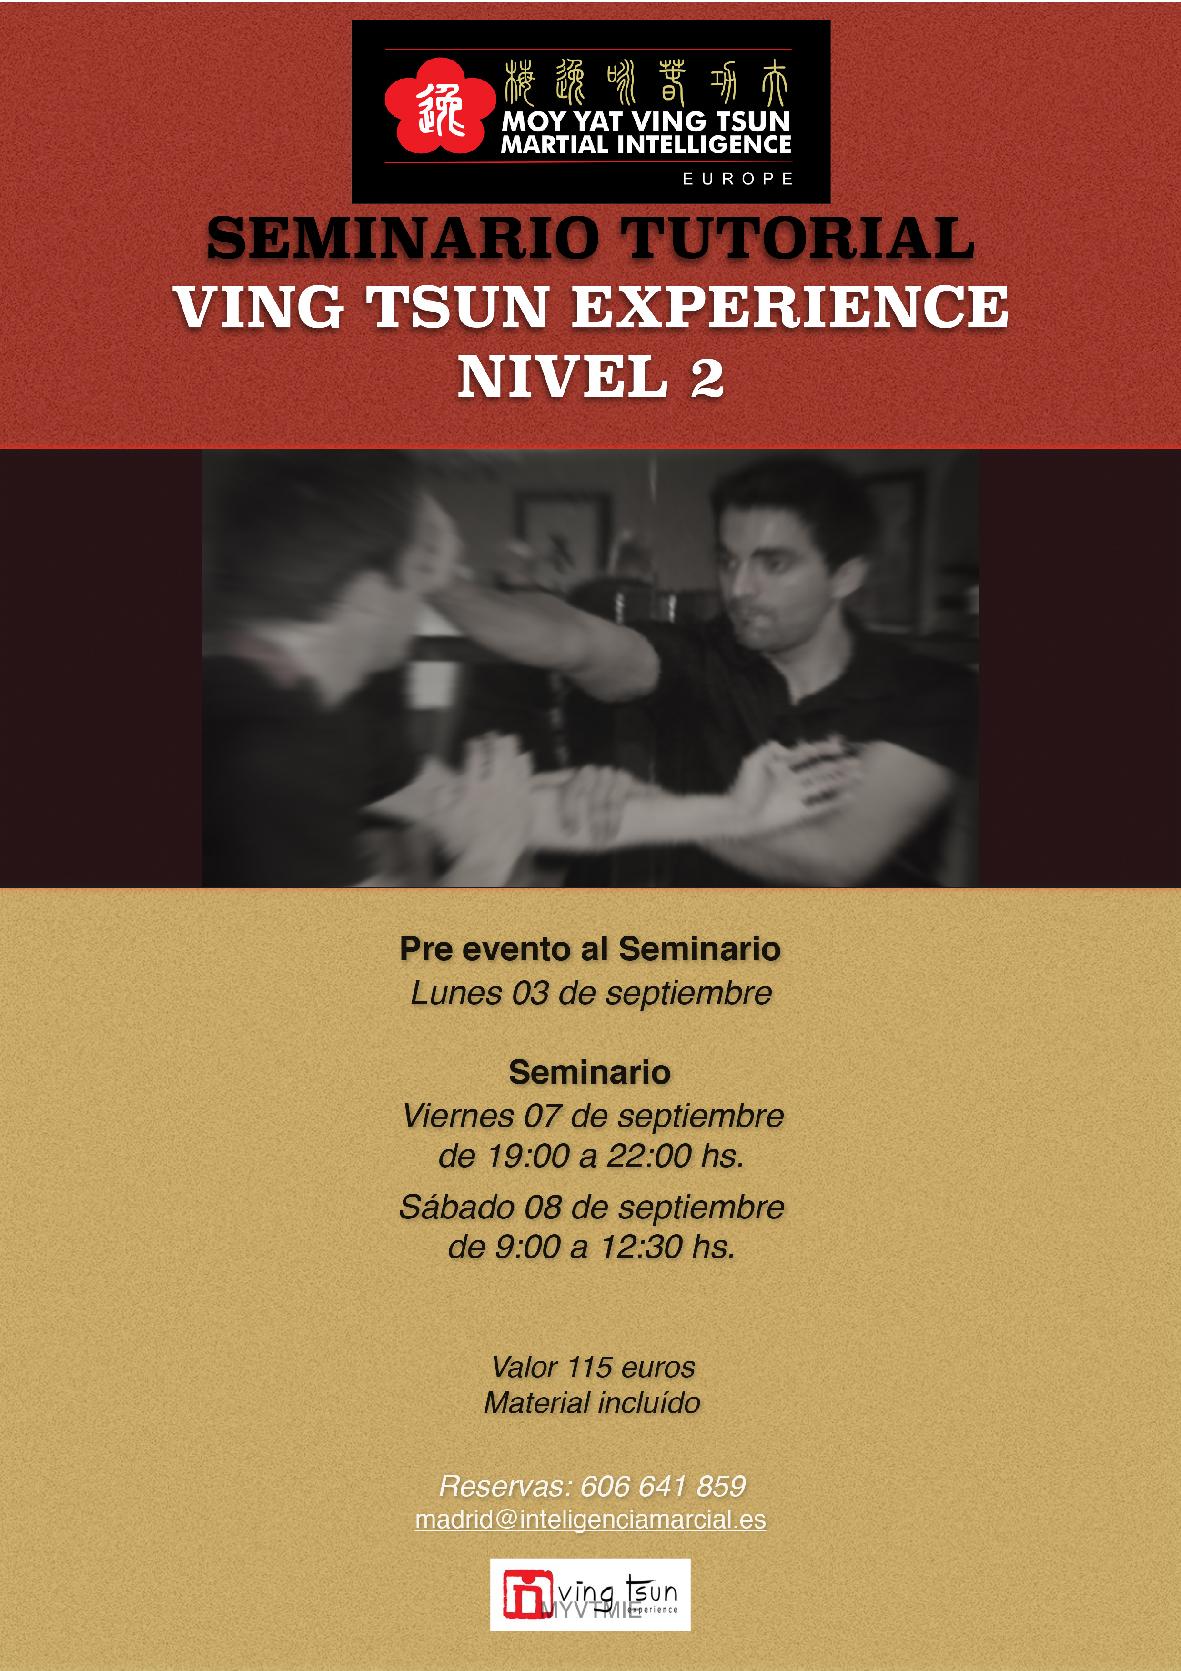 Seminario Ving Tsun Experience Nivel 2